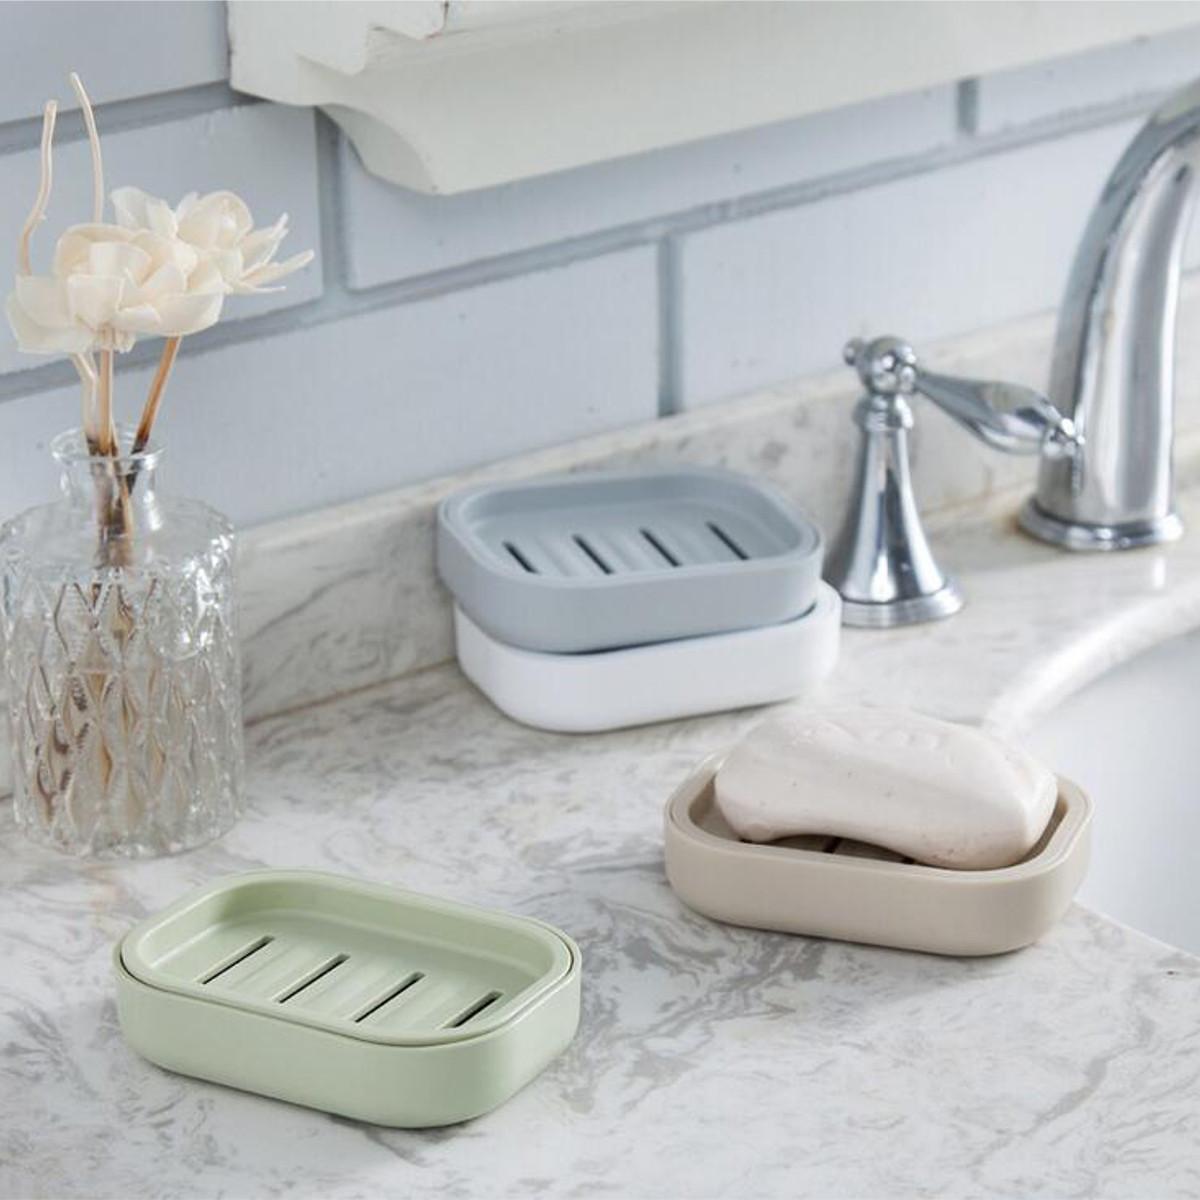 Пластиковая мыльница для ванной